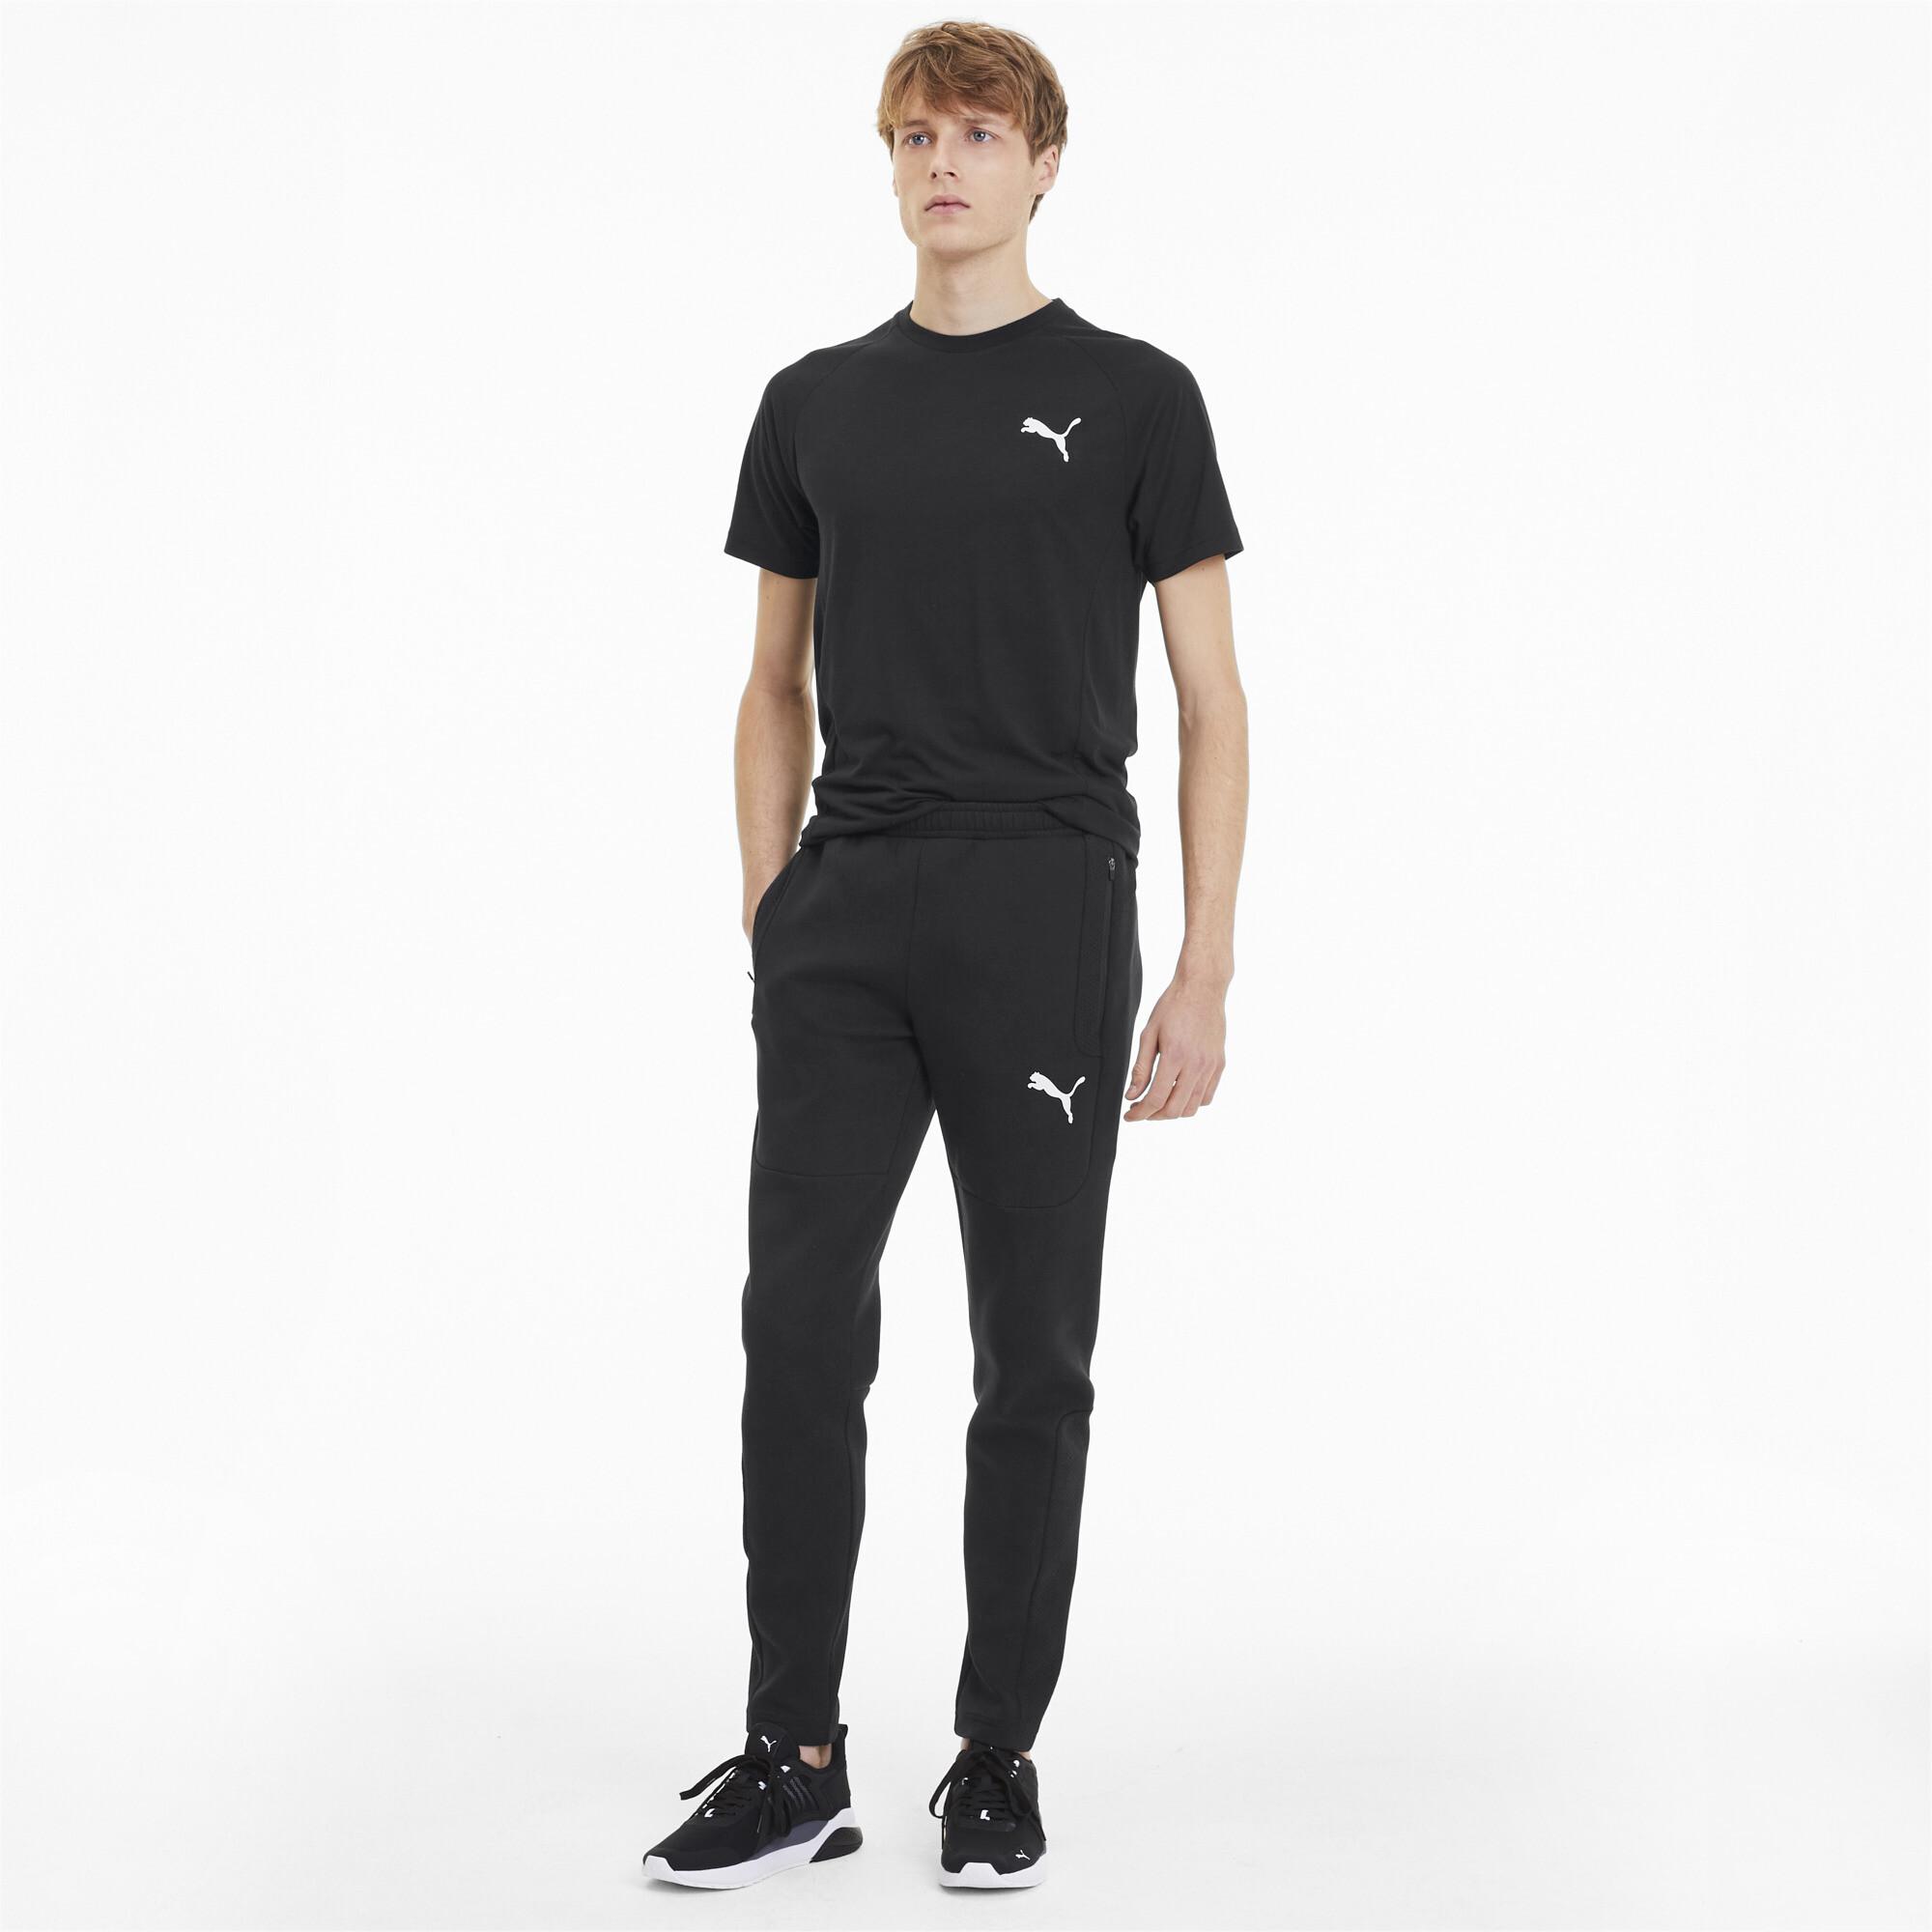 PUMA-Evostripe-Men-039-s-Sweatpants-Men-Knitted-Pants-Basics thumbnail 6